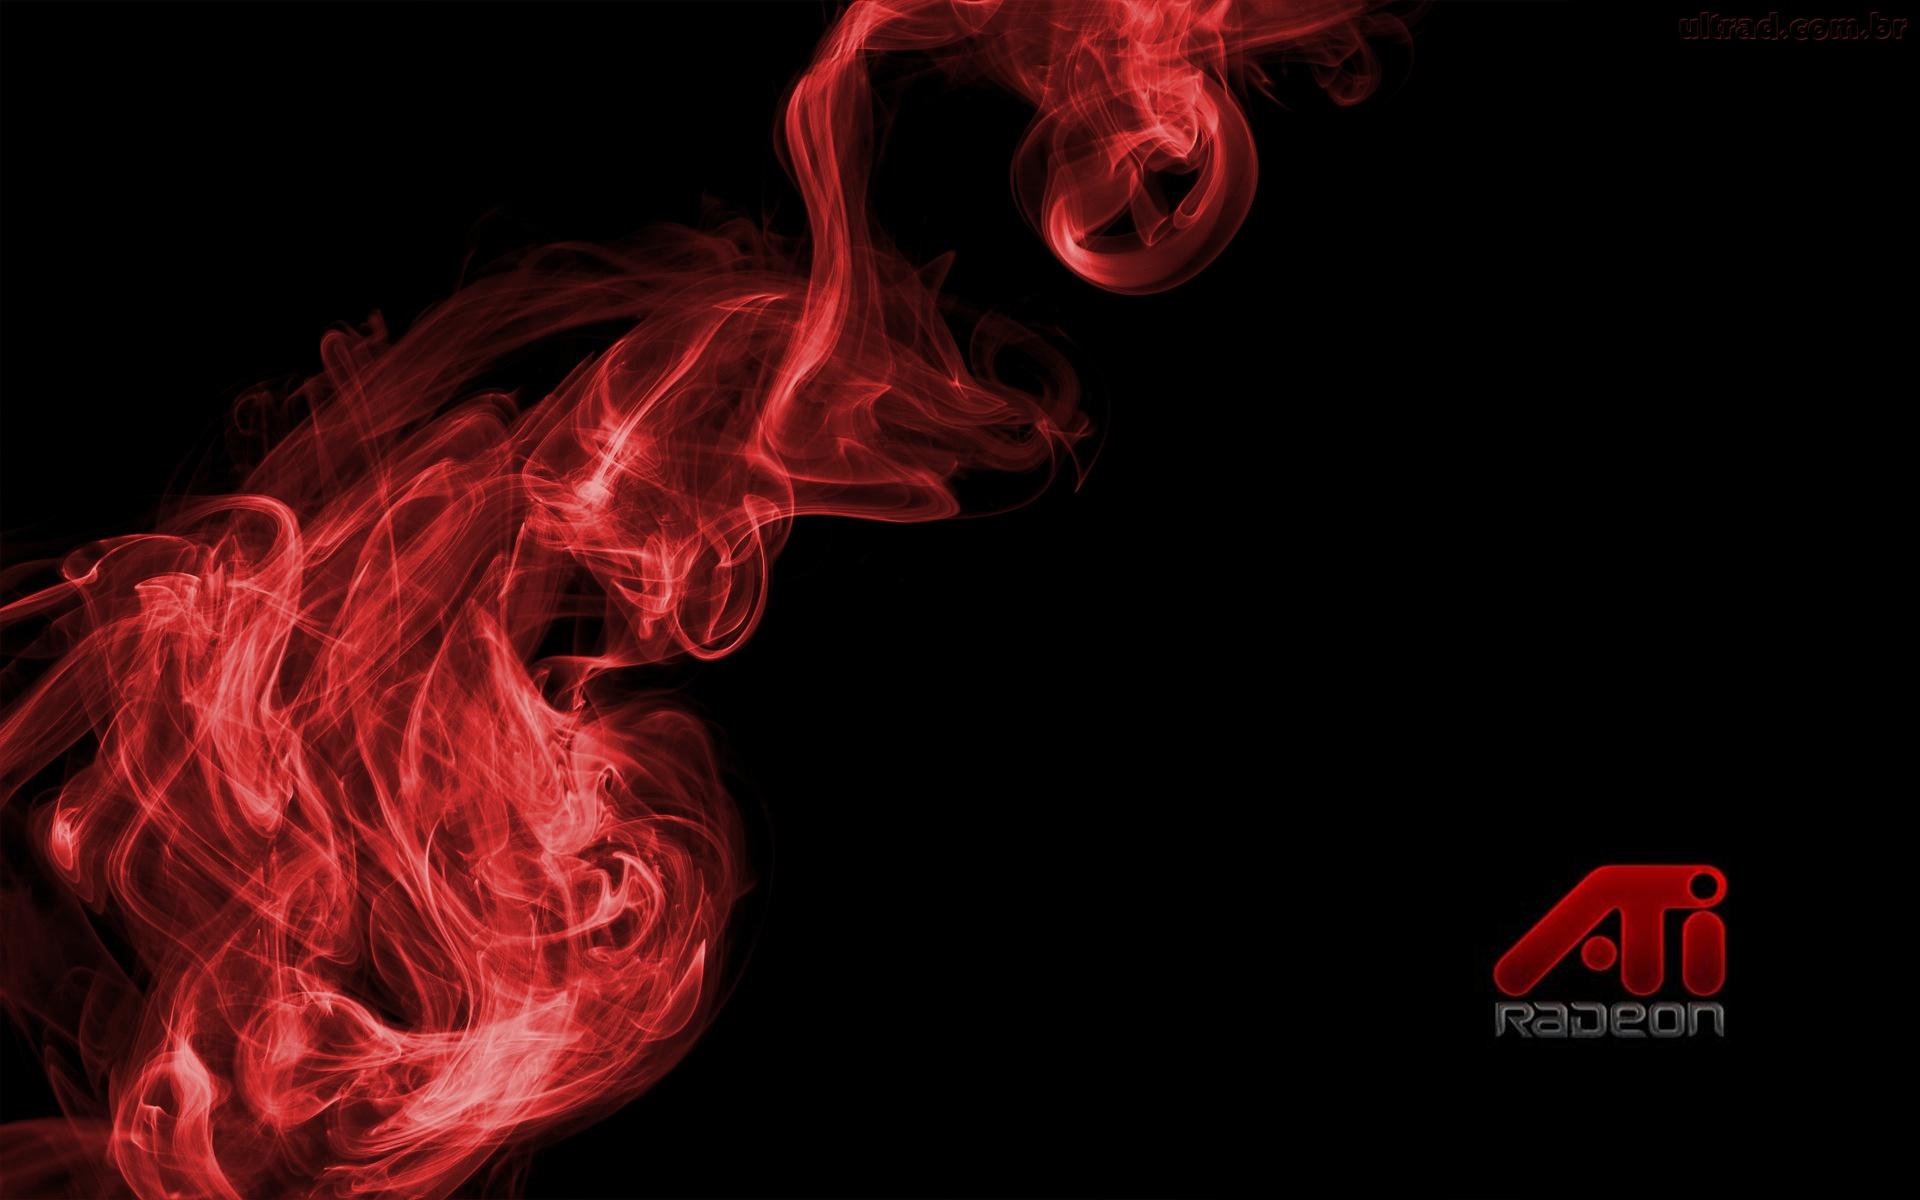 Cool Red Smoke Black Wallpaper